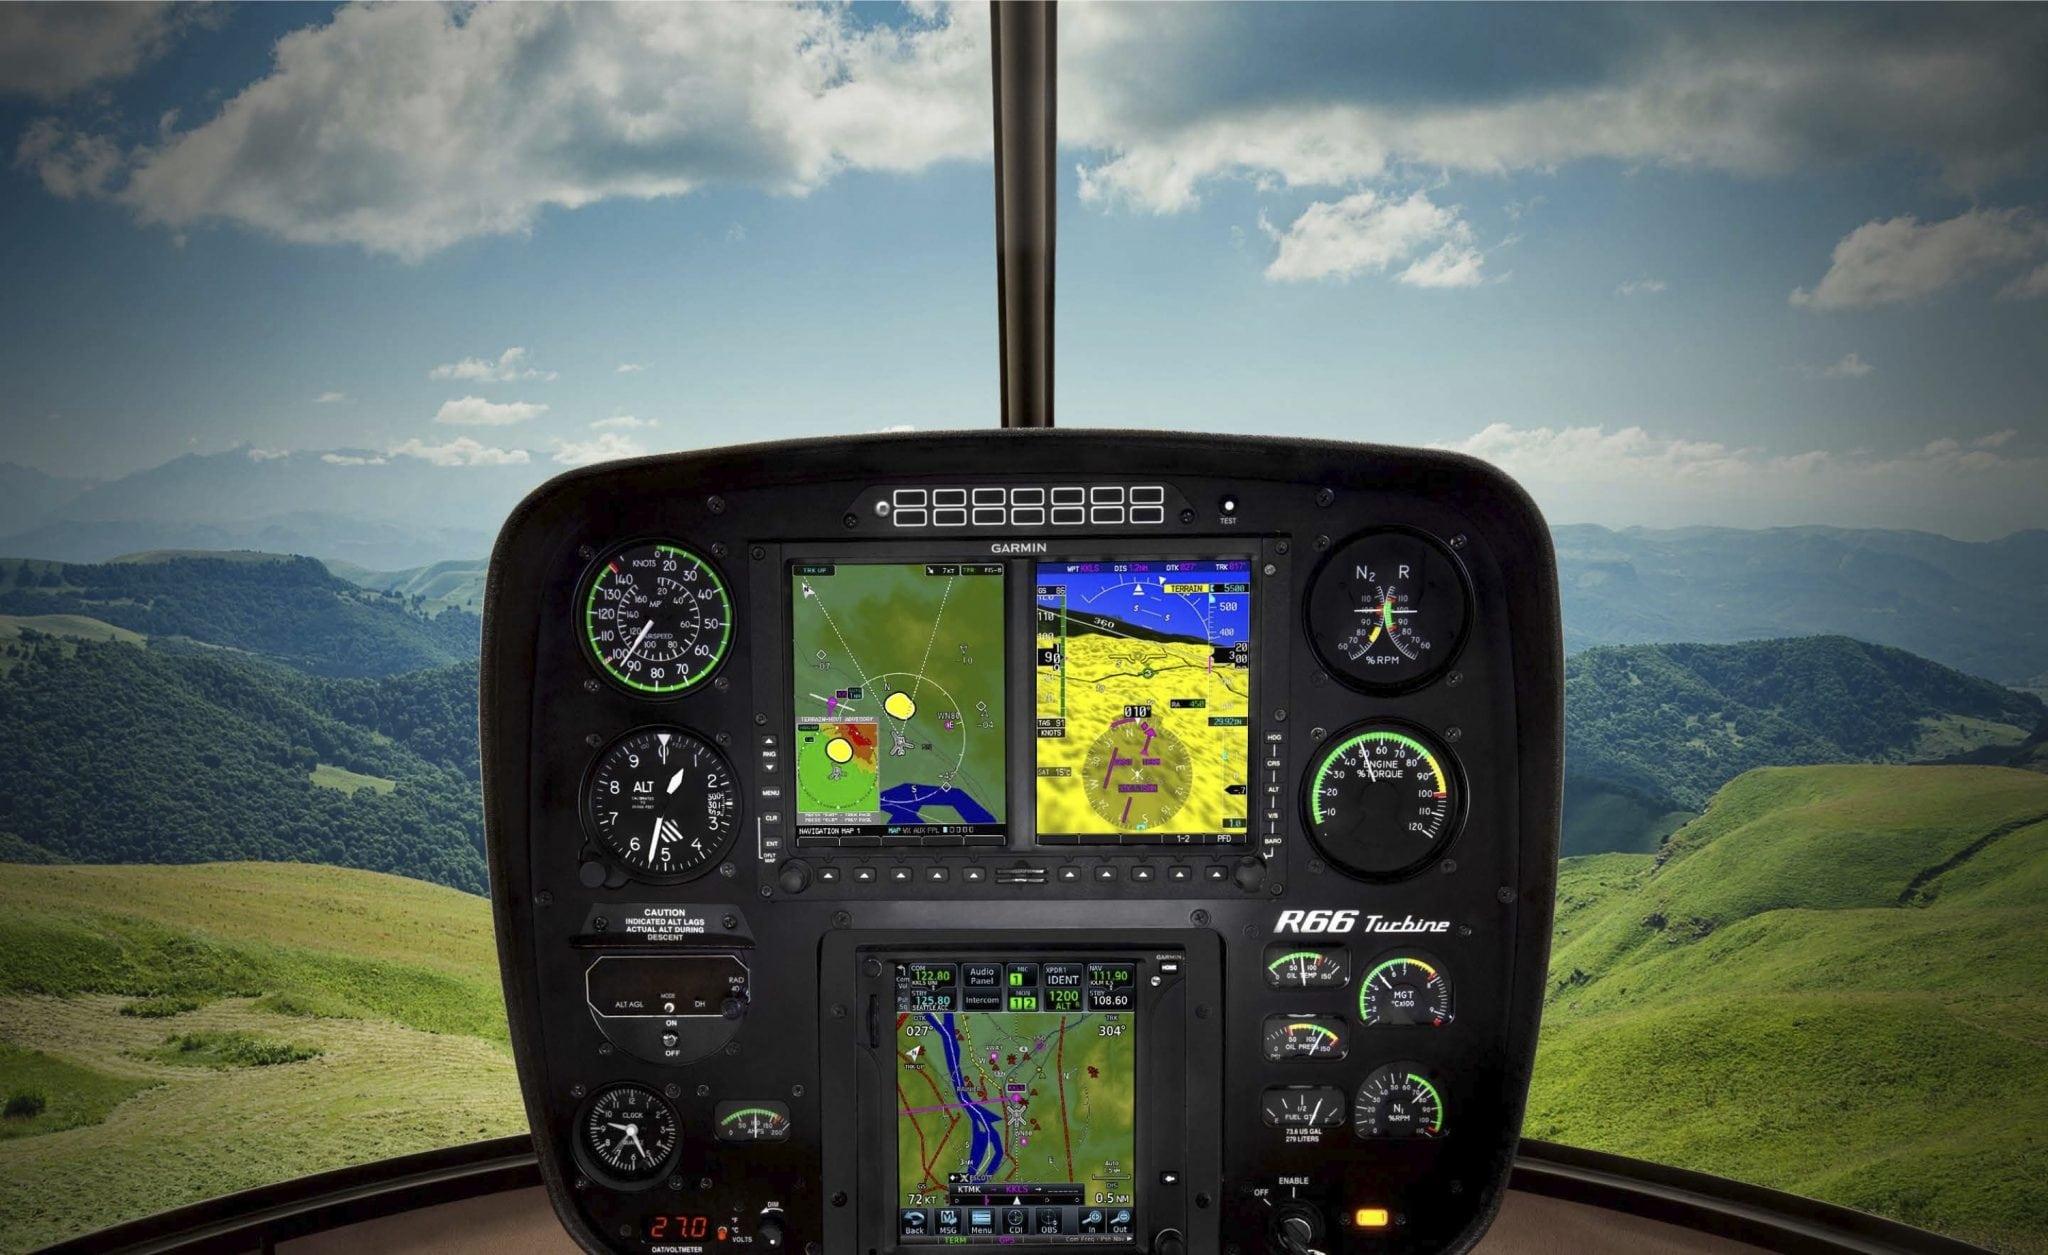 Garmin G600 and GTN 750 avionics